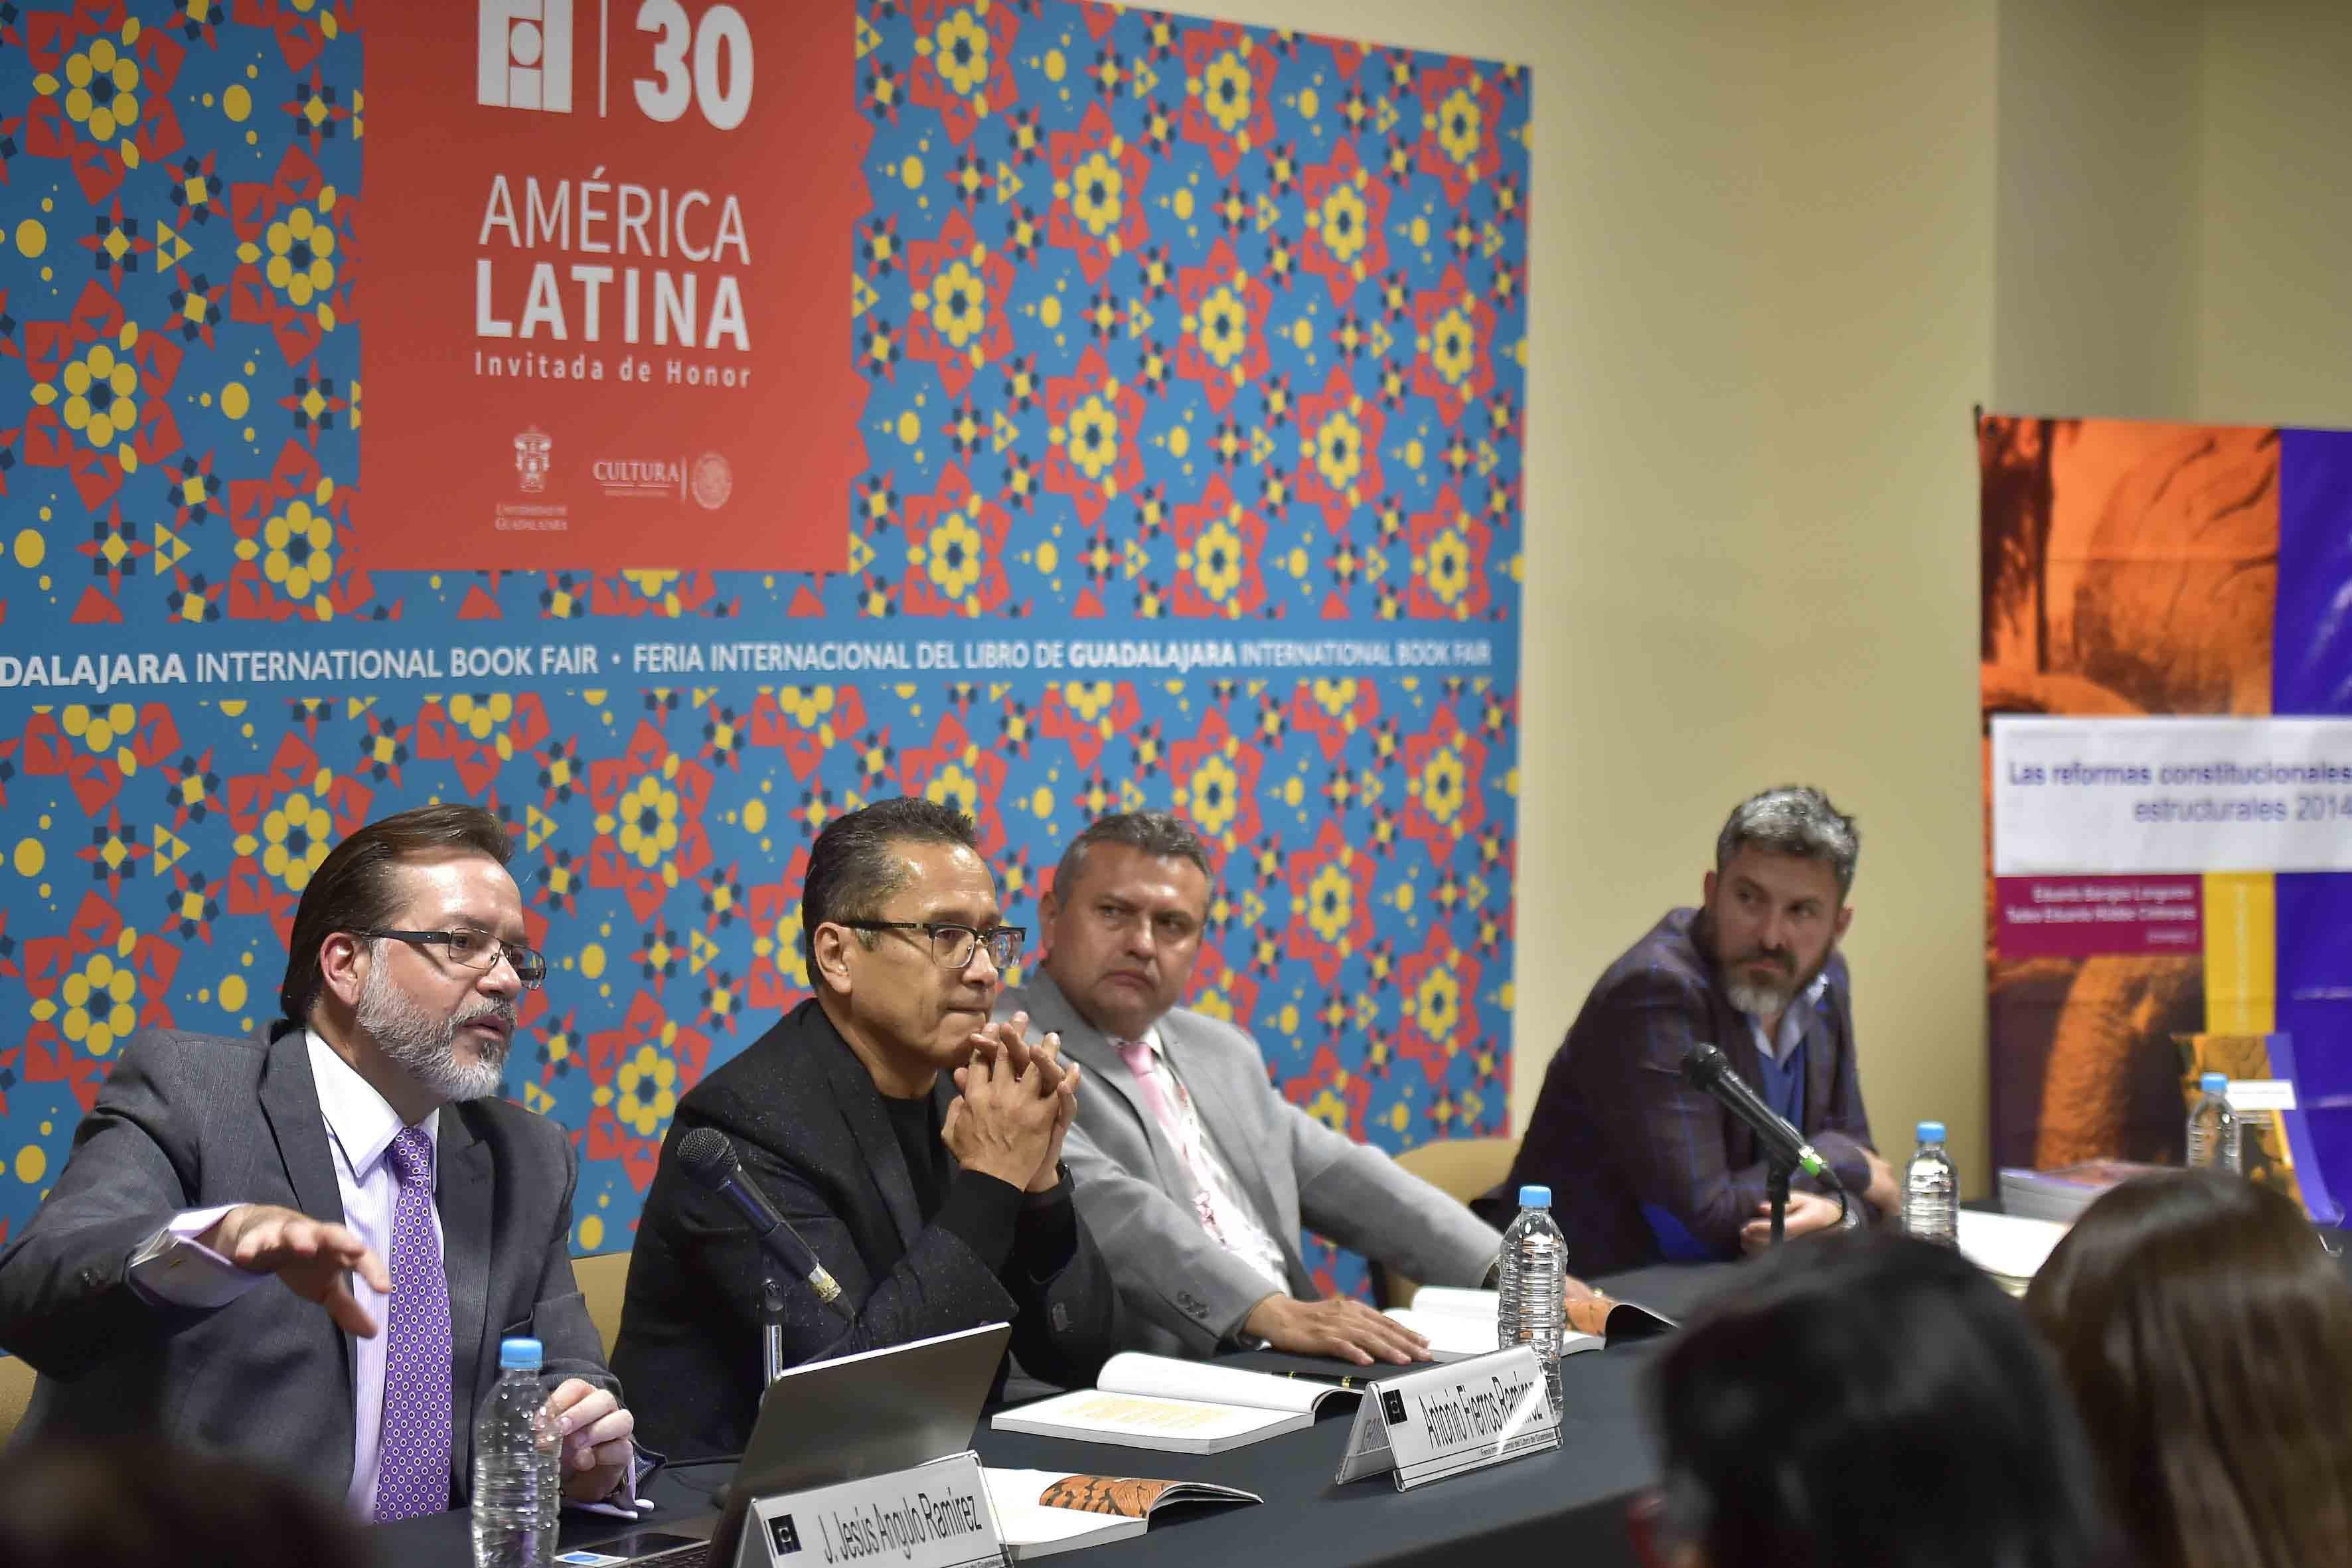 Doctor José de Jesús Ángulo,  juez magistrado del Supremo Tribunal Electoral del Estado de Jalisco, con micrófono en mesa de panel haciendo uso de la palabra.